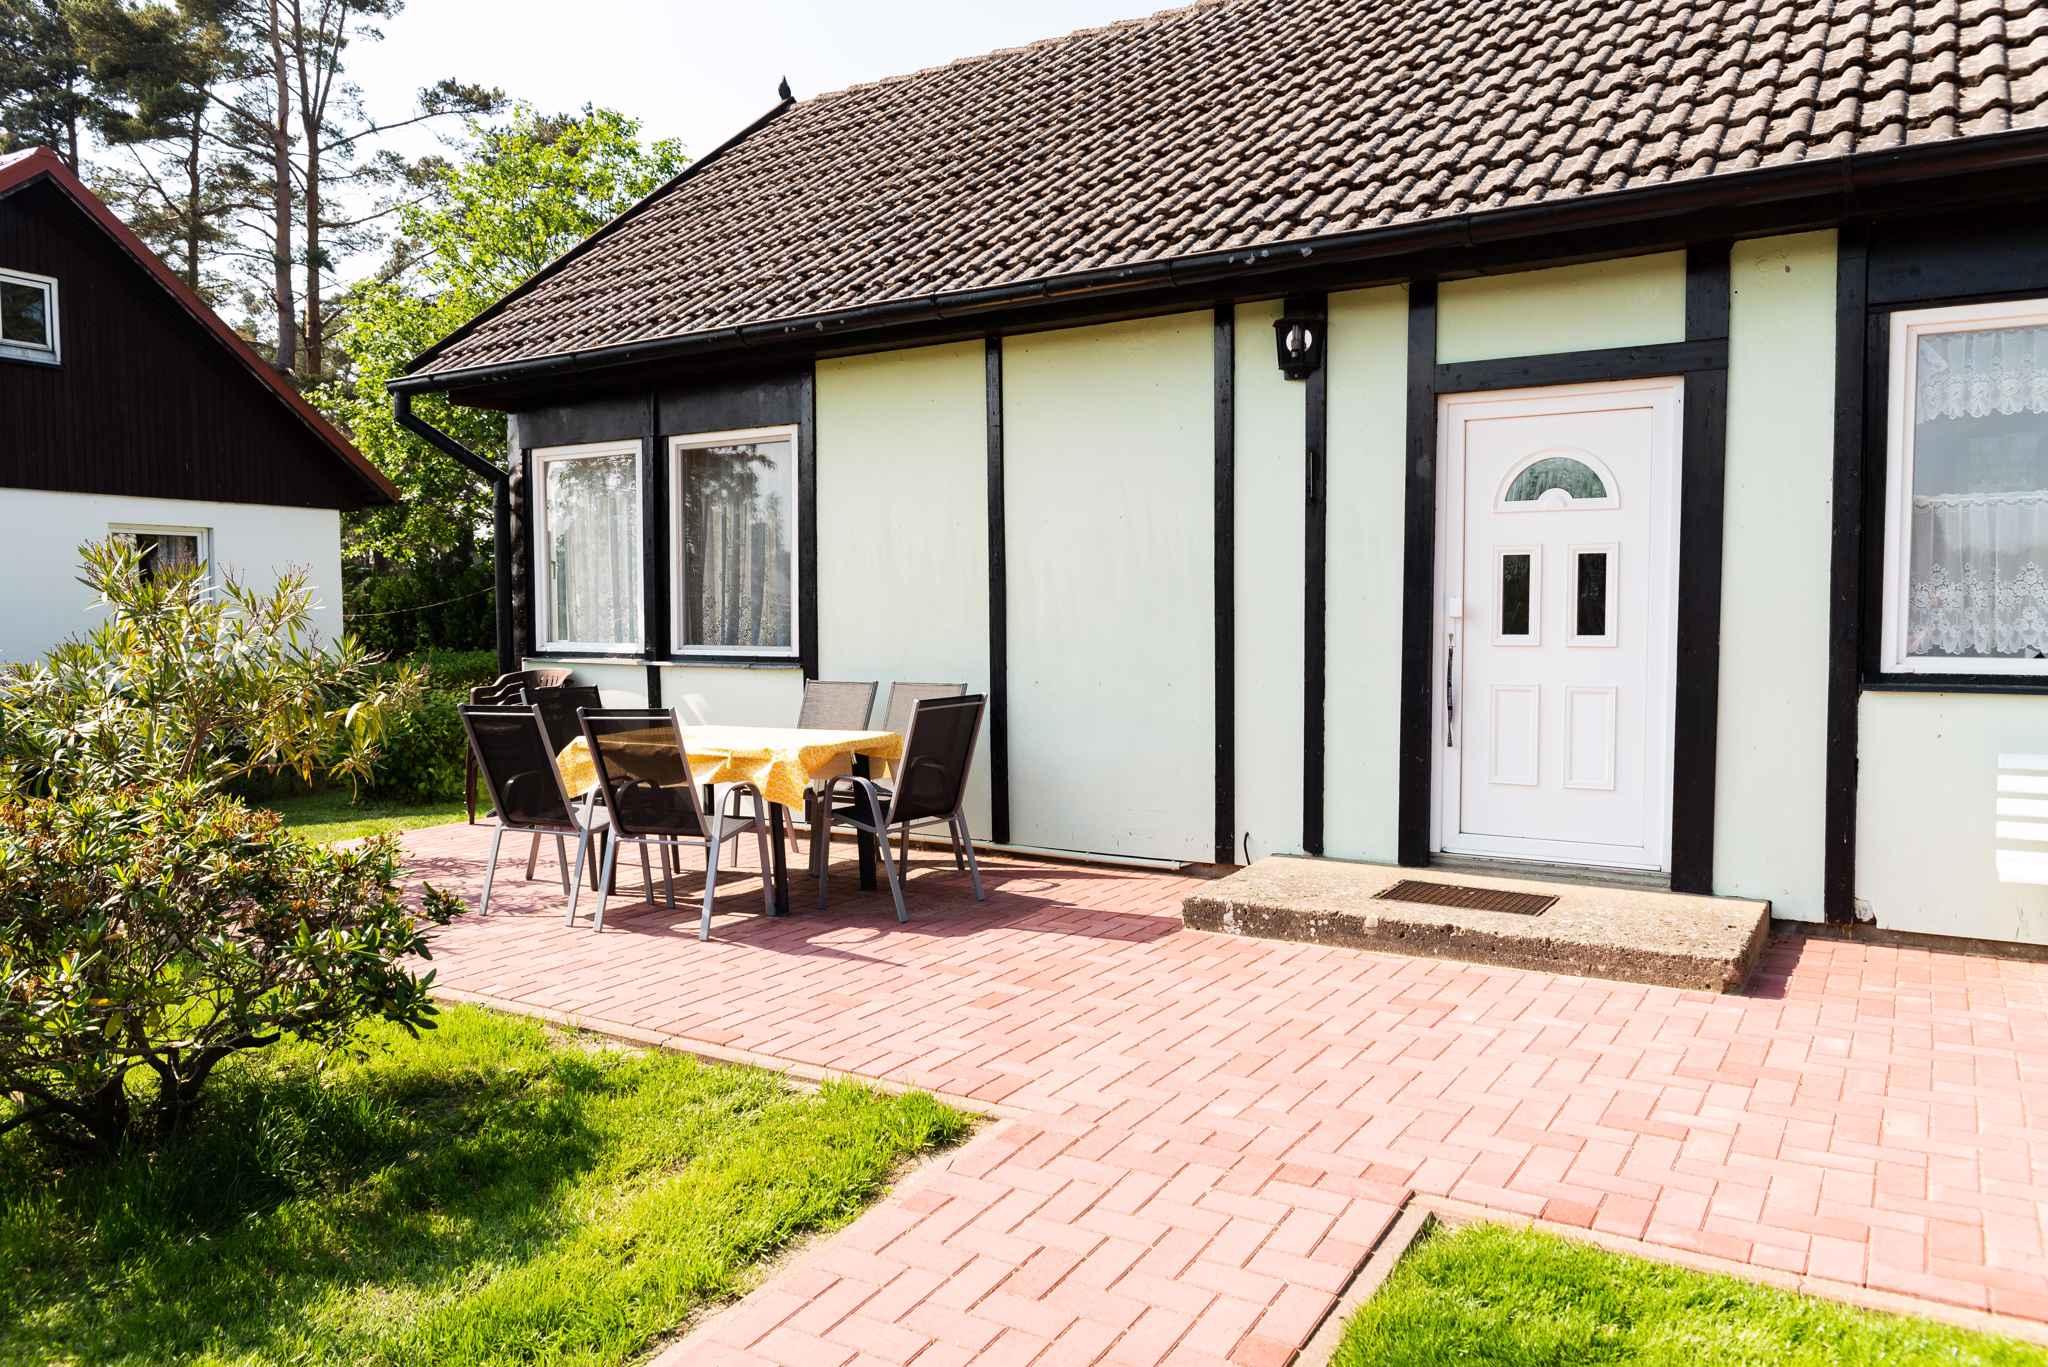 Ferienhaus Bungalow mit Terrasse und Garten (365438), Fuhlendorf, Ostseeküste Mecklenburg-Vorpommern, Mecklenburg-Vorpommern, Deutschland, Bild 2